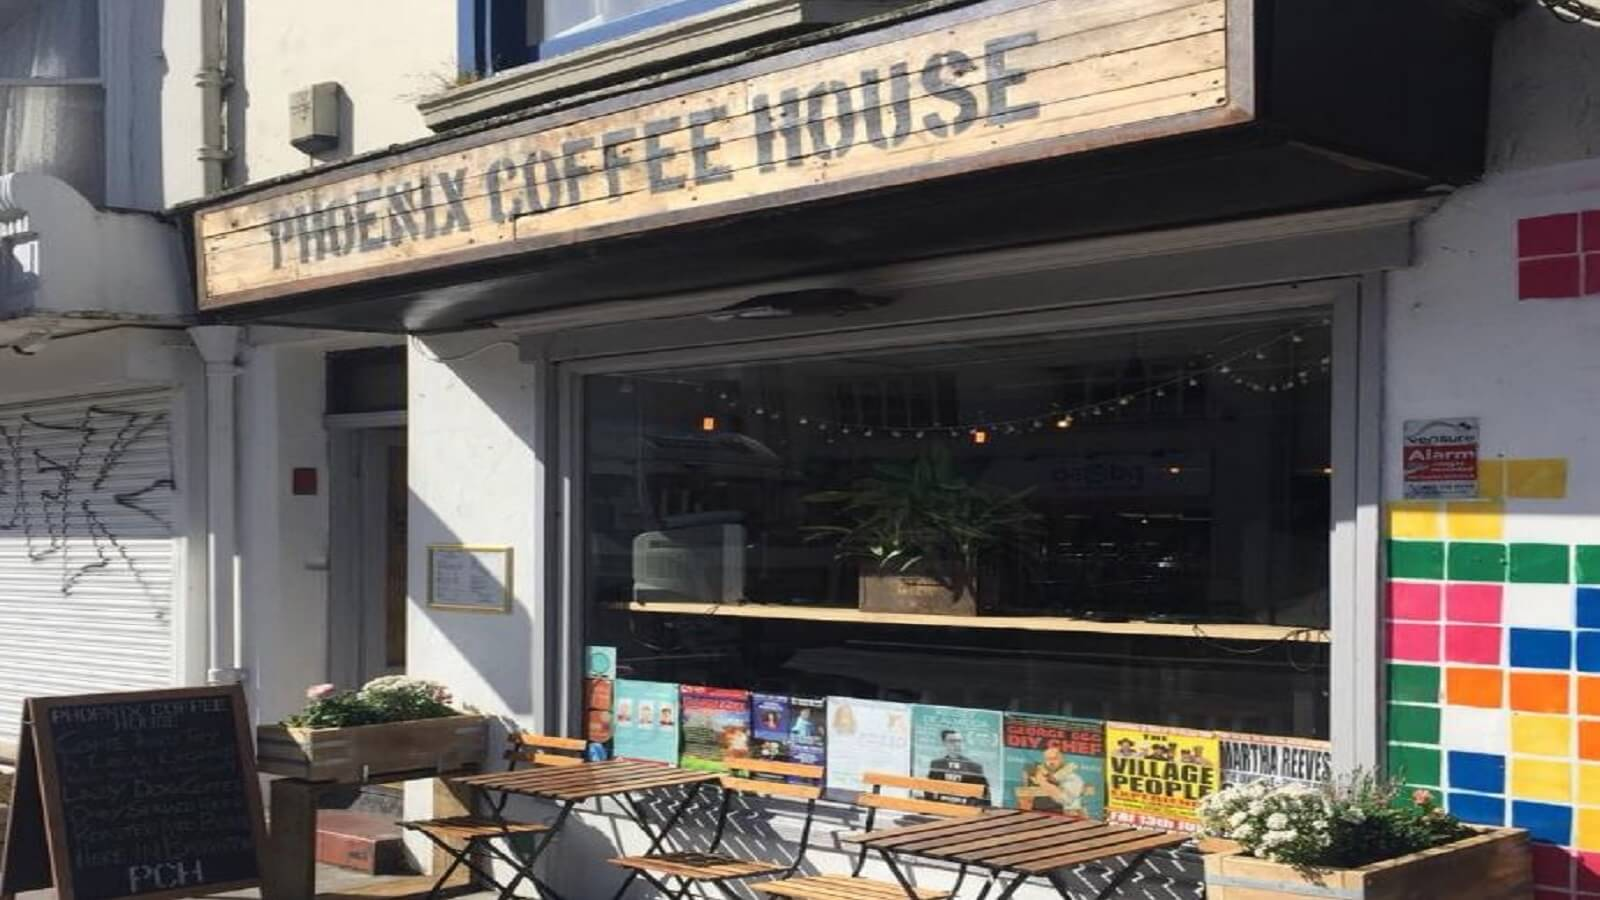 Phoenix Coffee House